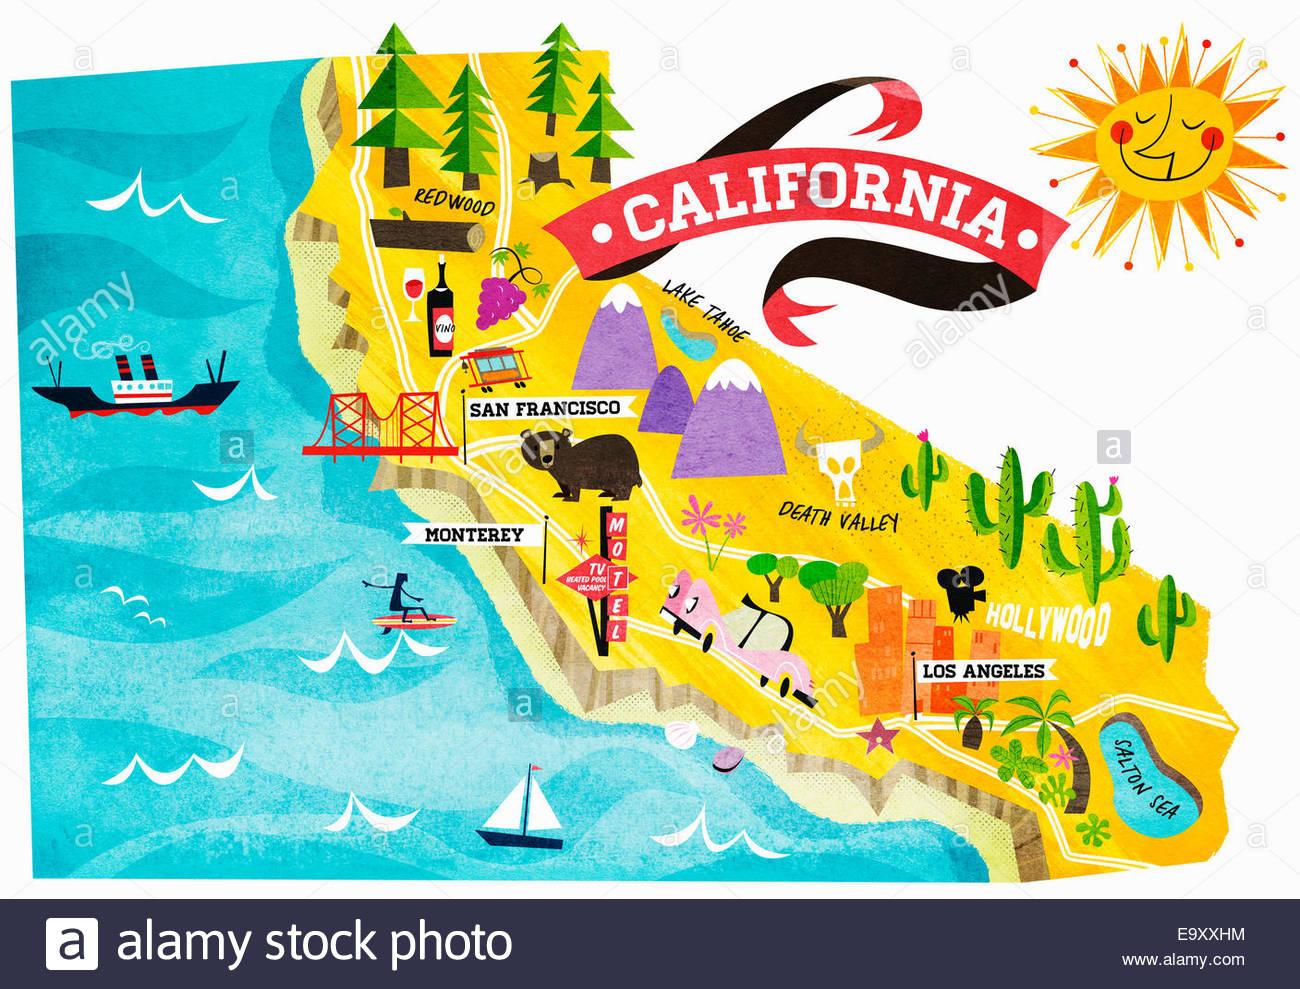 Kalifornien Karte.Karte Der Sehenswürdigkeiten In Kalifornien Stockfoto Bild